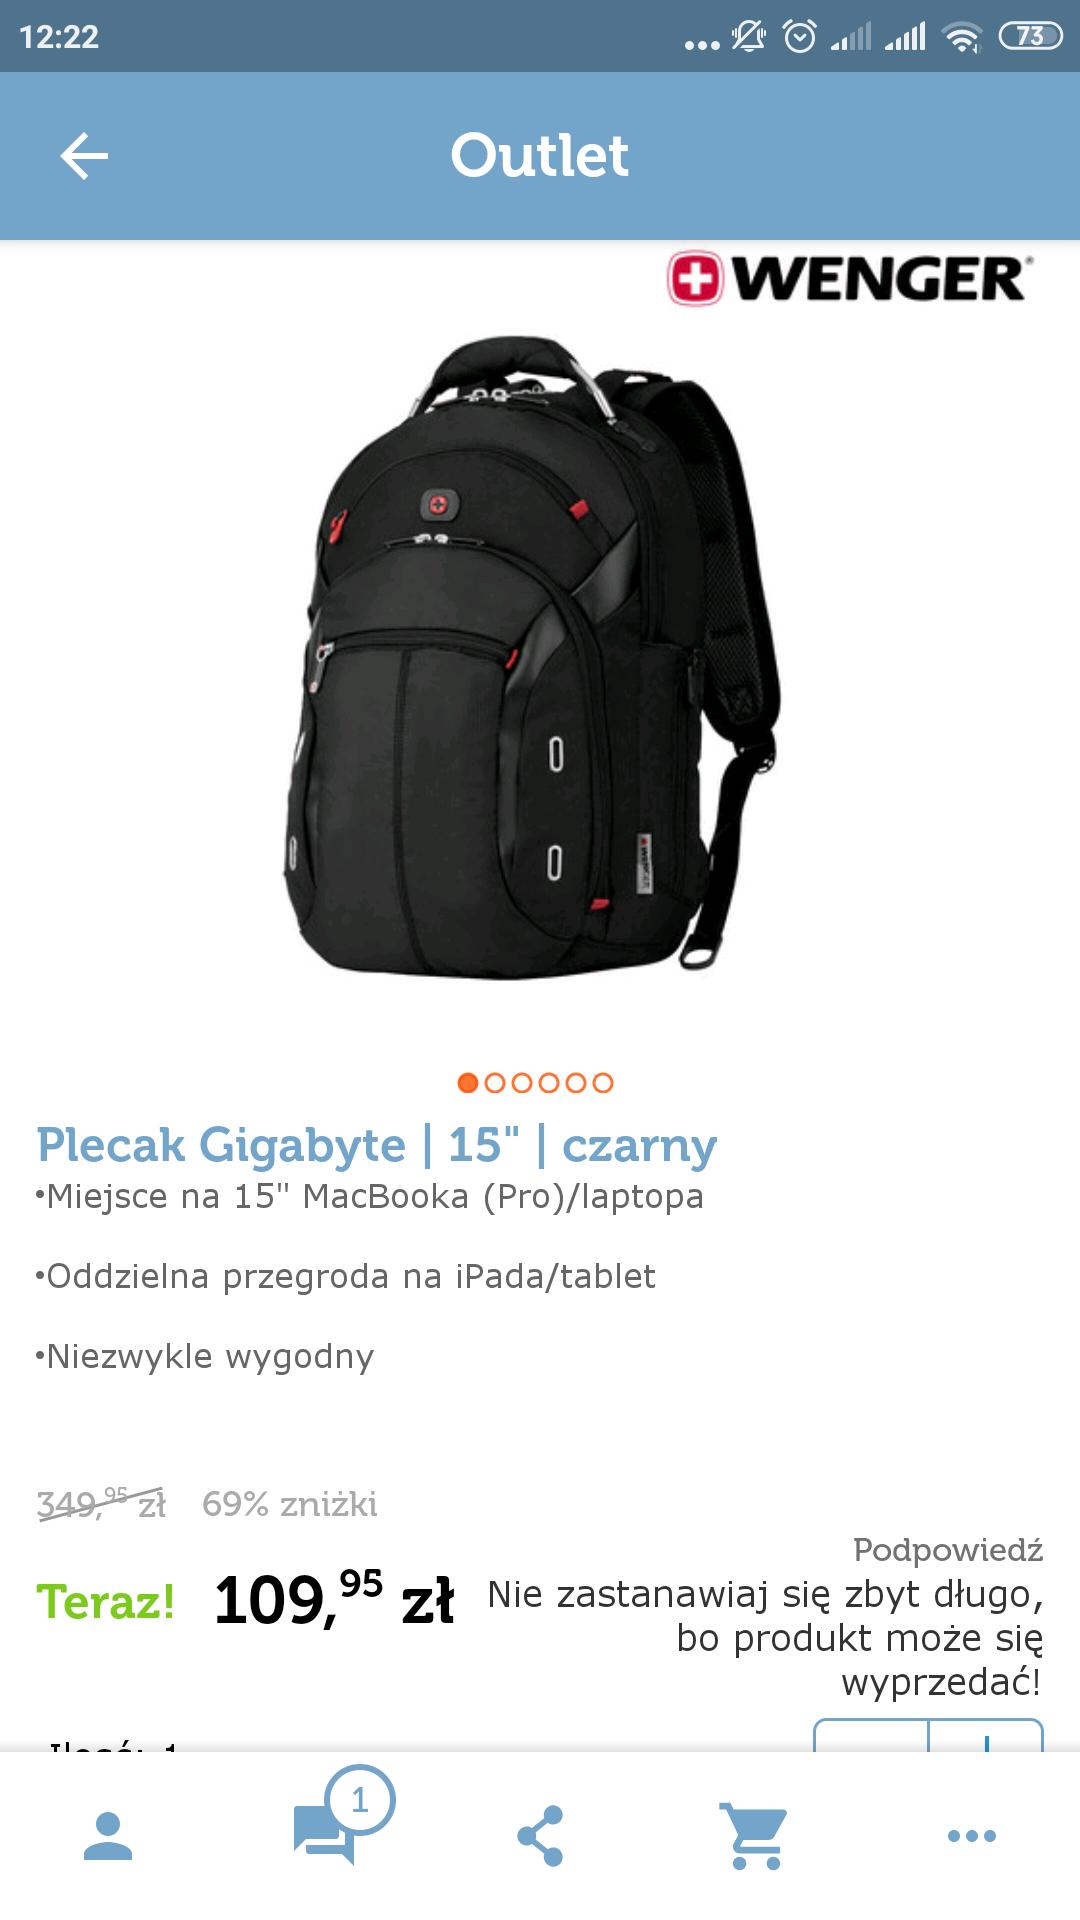 Plecak Wenger Gigabyte 110zl +przesyłka